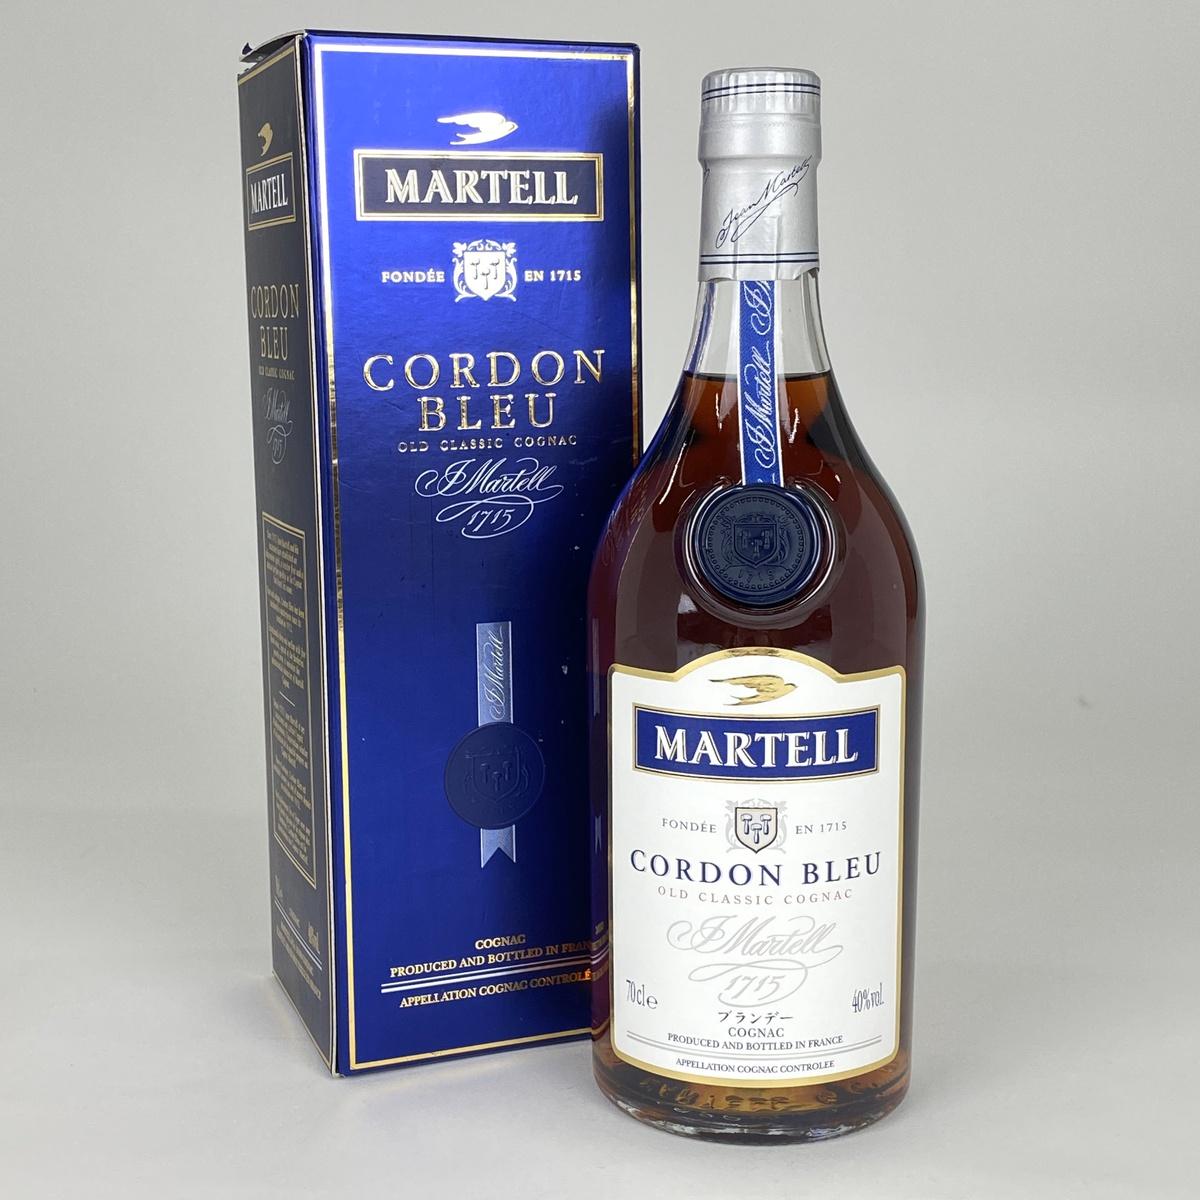 マーテル MARTELL コルドンブルー 現行 700ml ブランデー コニャック 【古酒】